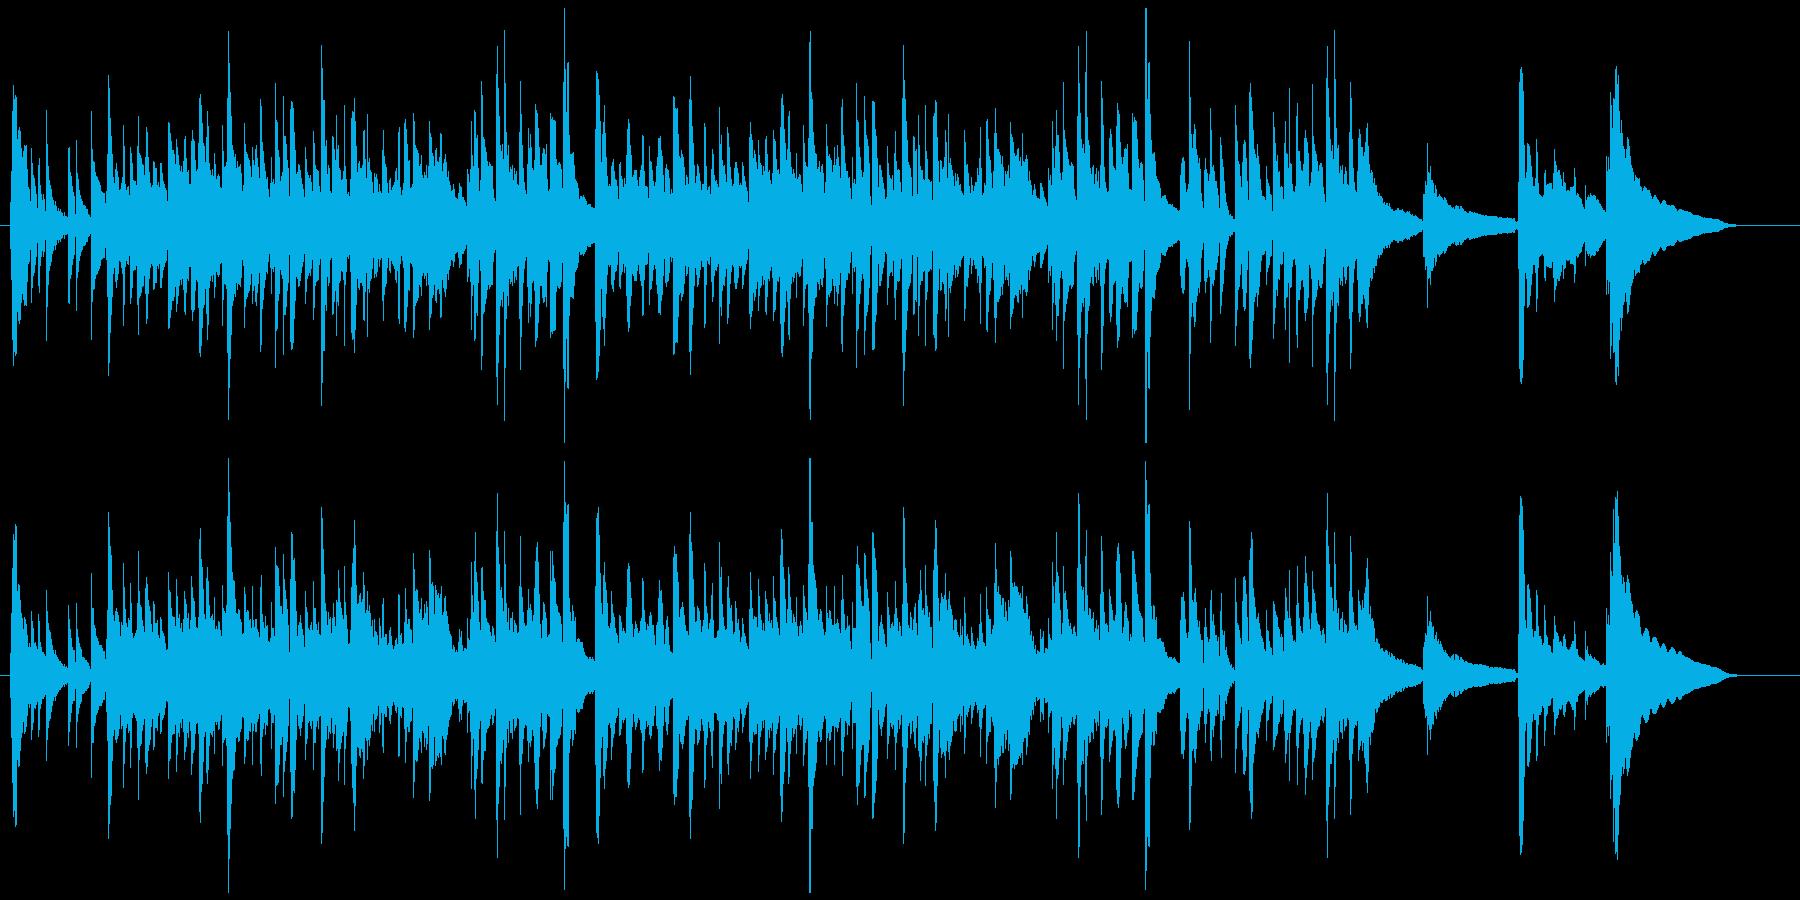 クリスマス定番曲クラシックギターの独奏の再生済みの波形